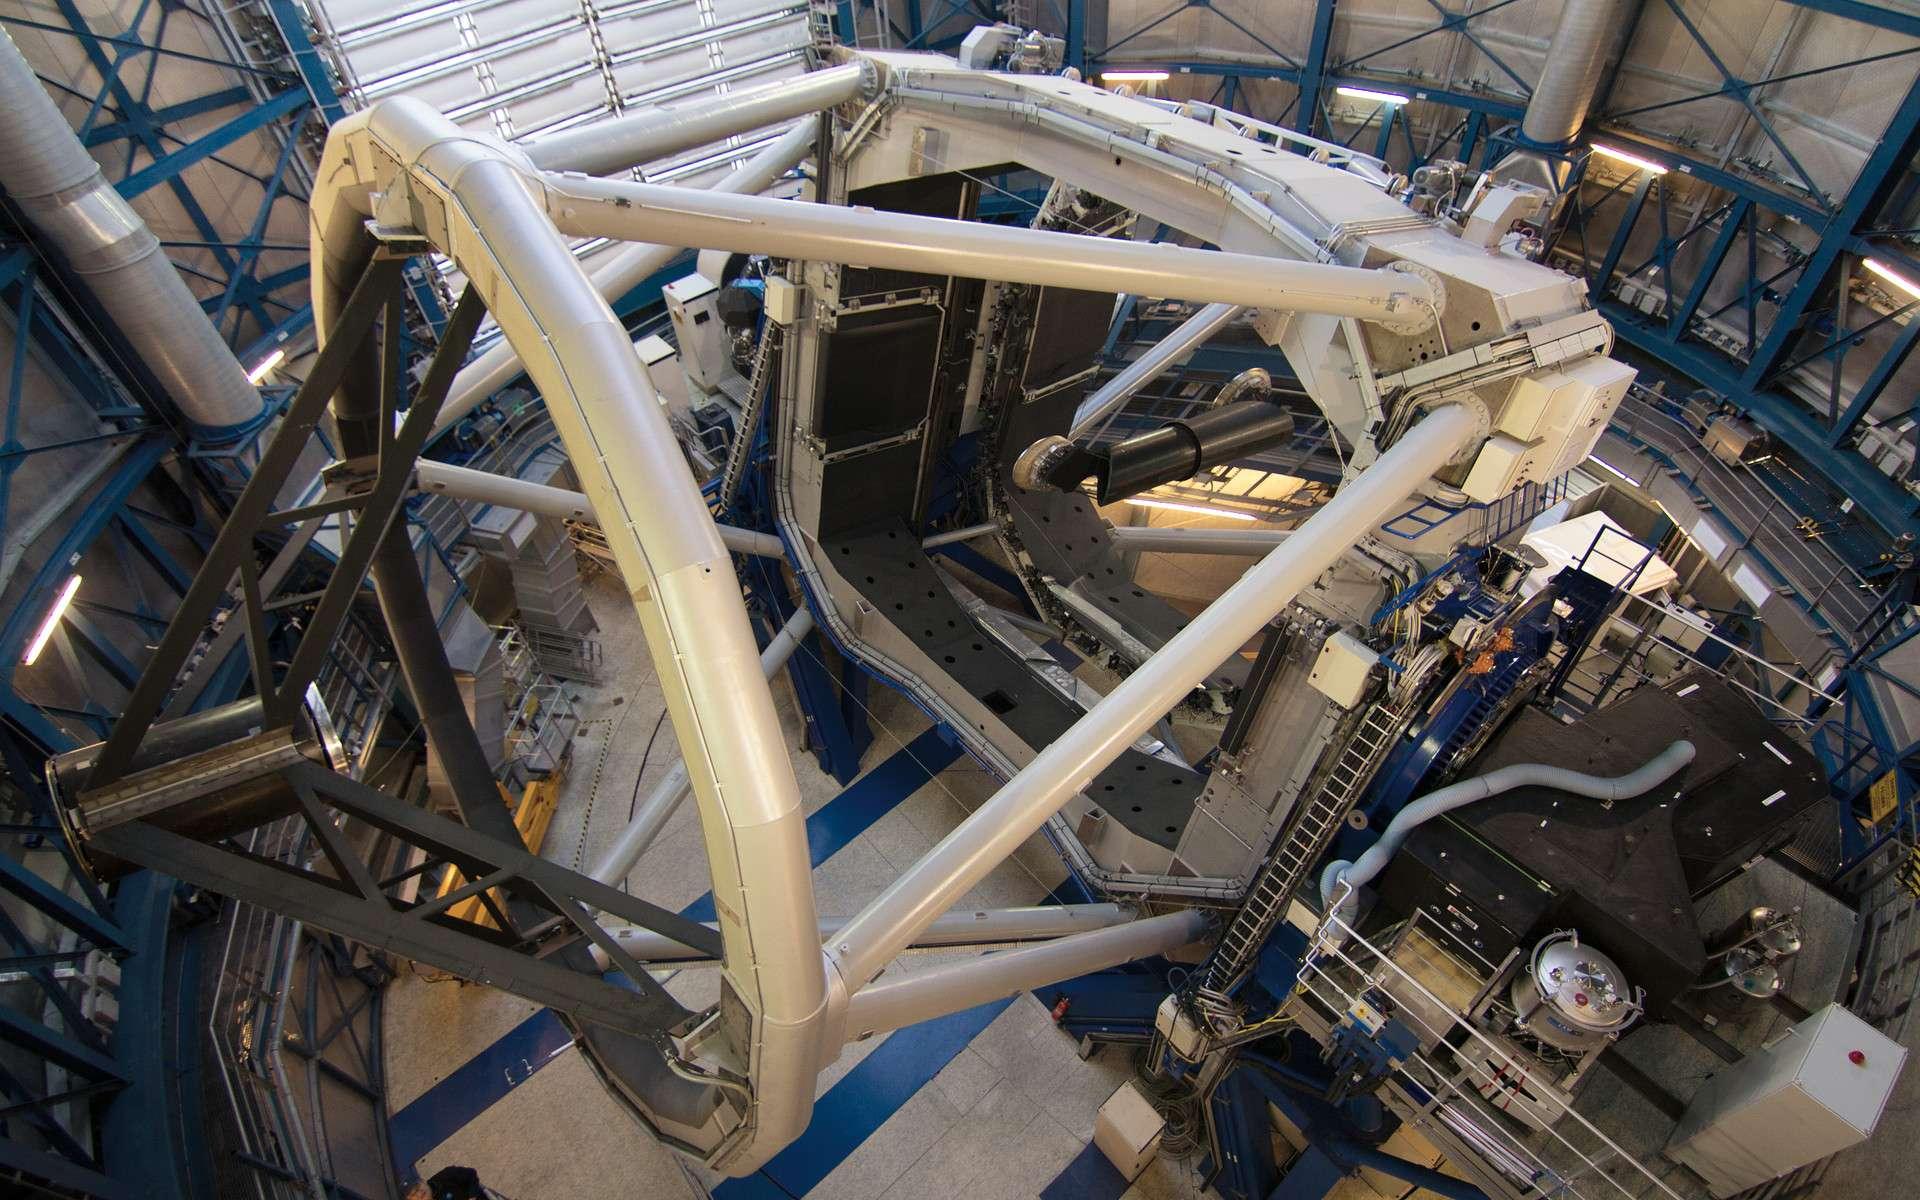 Sur cette image figure l'instrument Sphère, peu après qu'il ait été installé sur le troisième télescope de 8 m du VLT de l'Eso. L'instrument est cette boîte noire située sur la plateforme latérale du télescope. © ESO, J. Girard